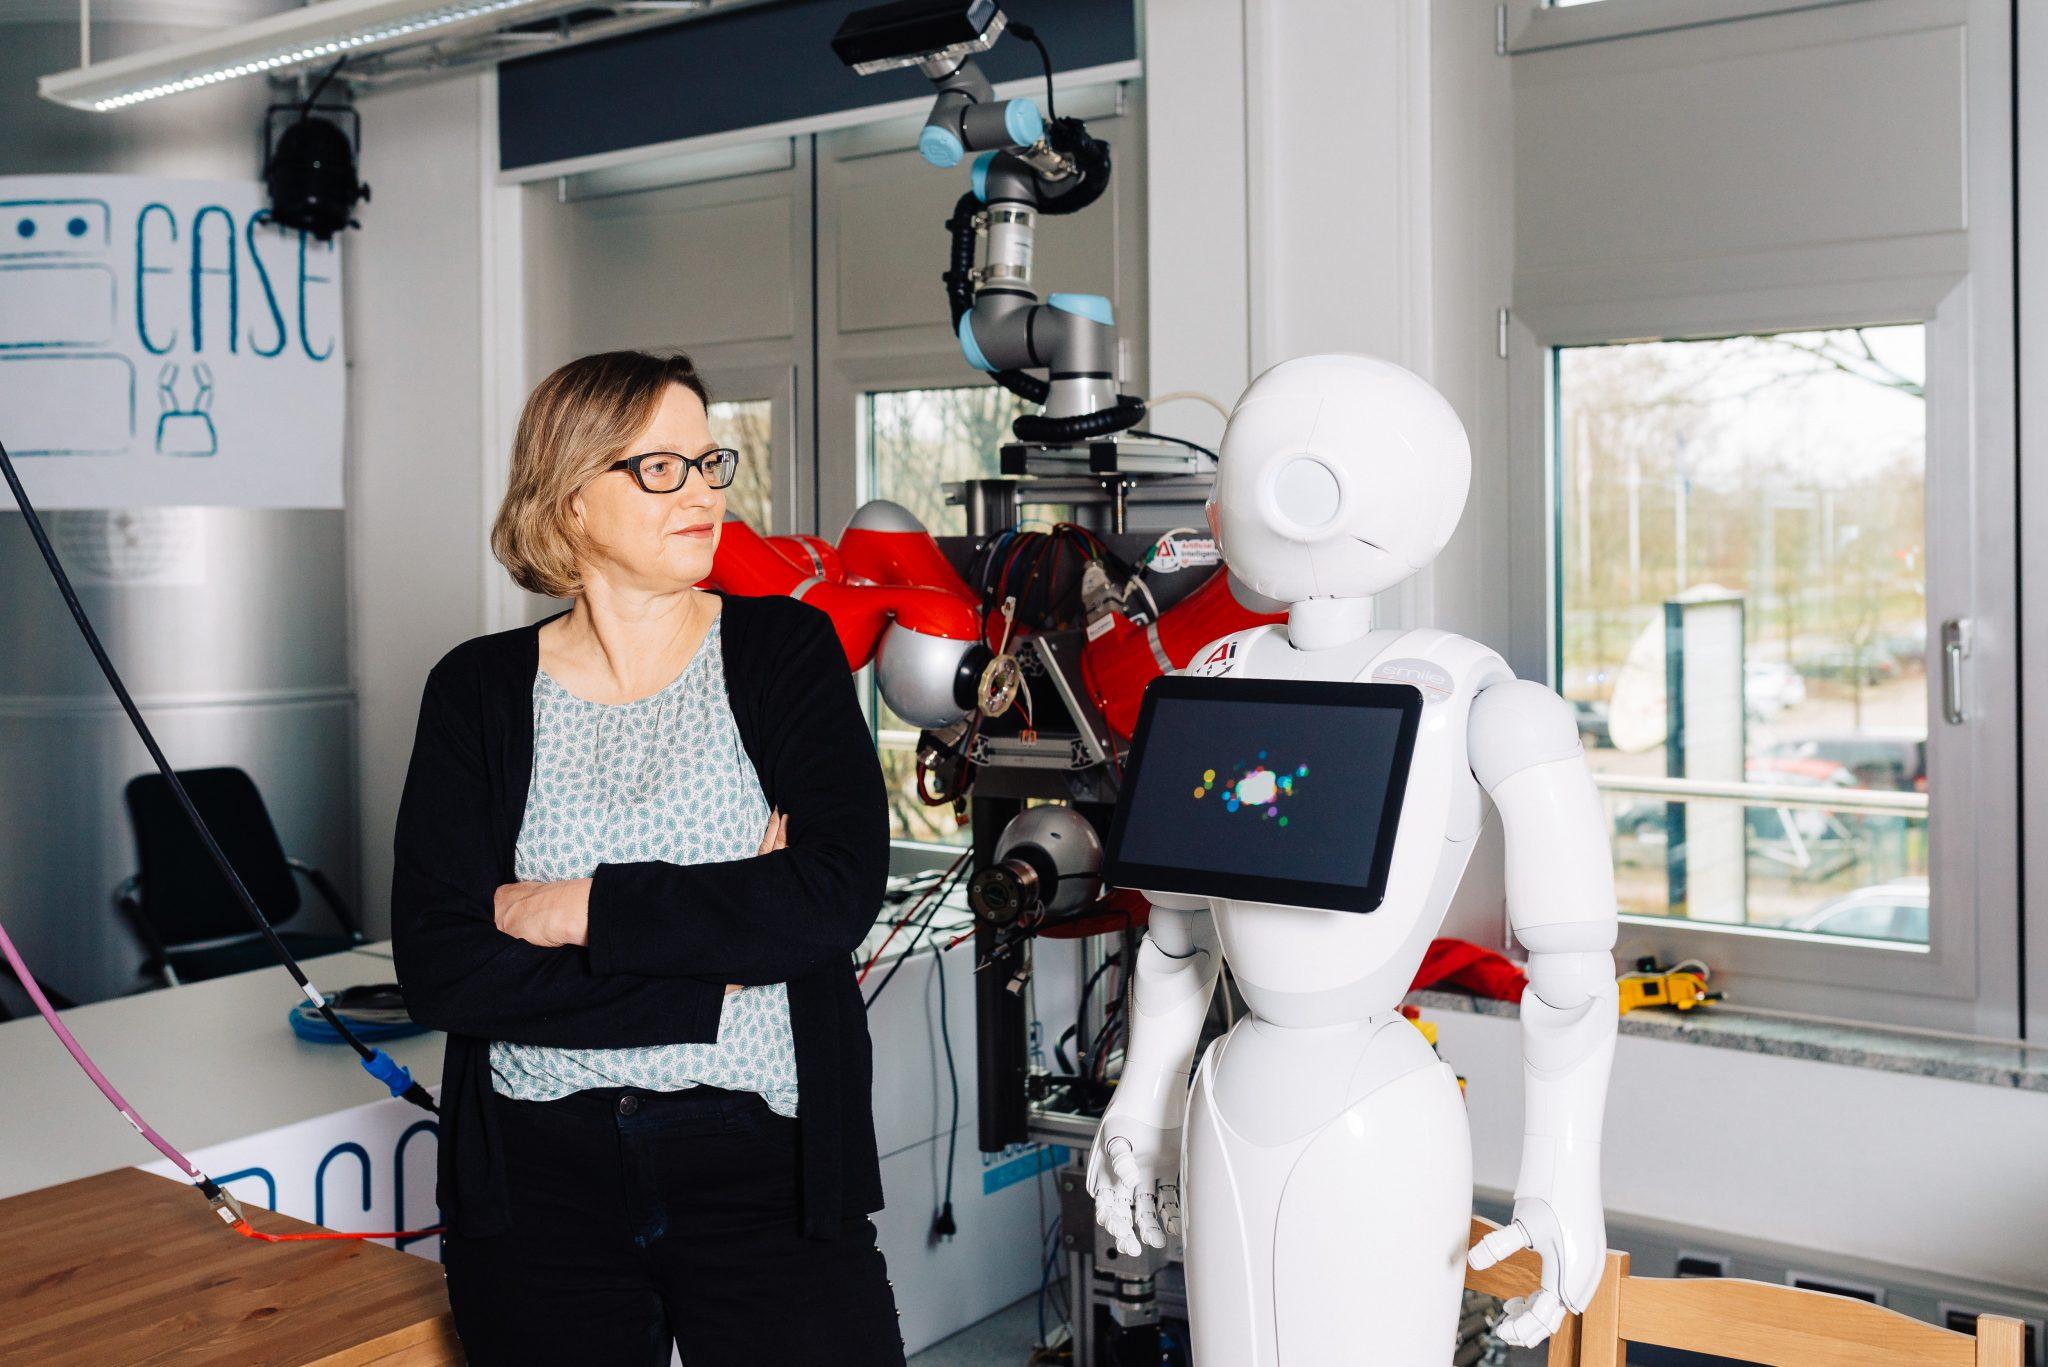 Die Projektleiterin und Zentrumsmanagerin des Bremer KI-Transfer-Zentrums, Inis Ehrlich steht neben dem humanoiden Roboter Pepper